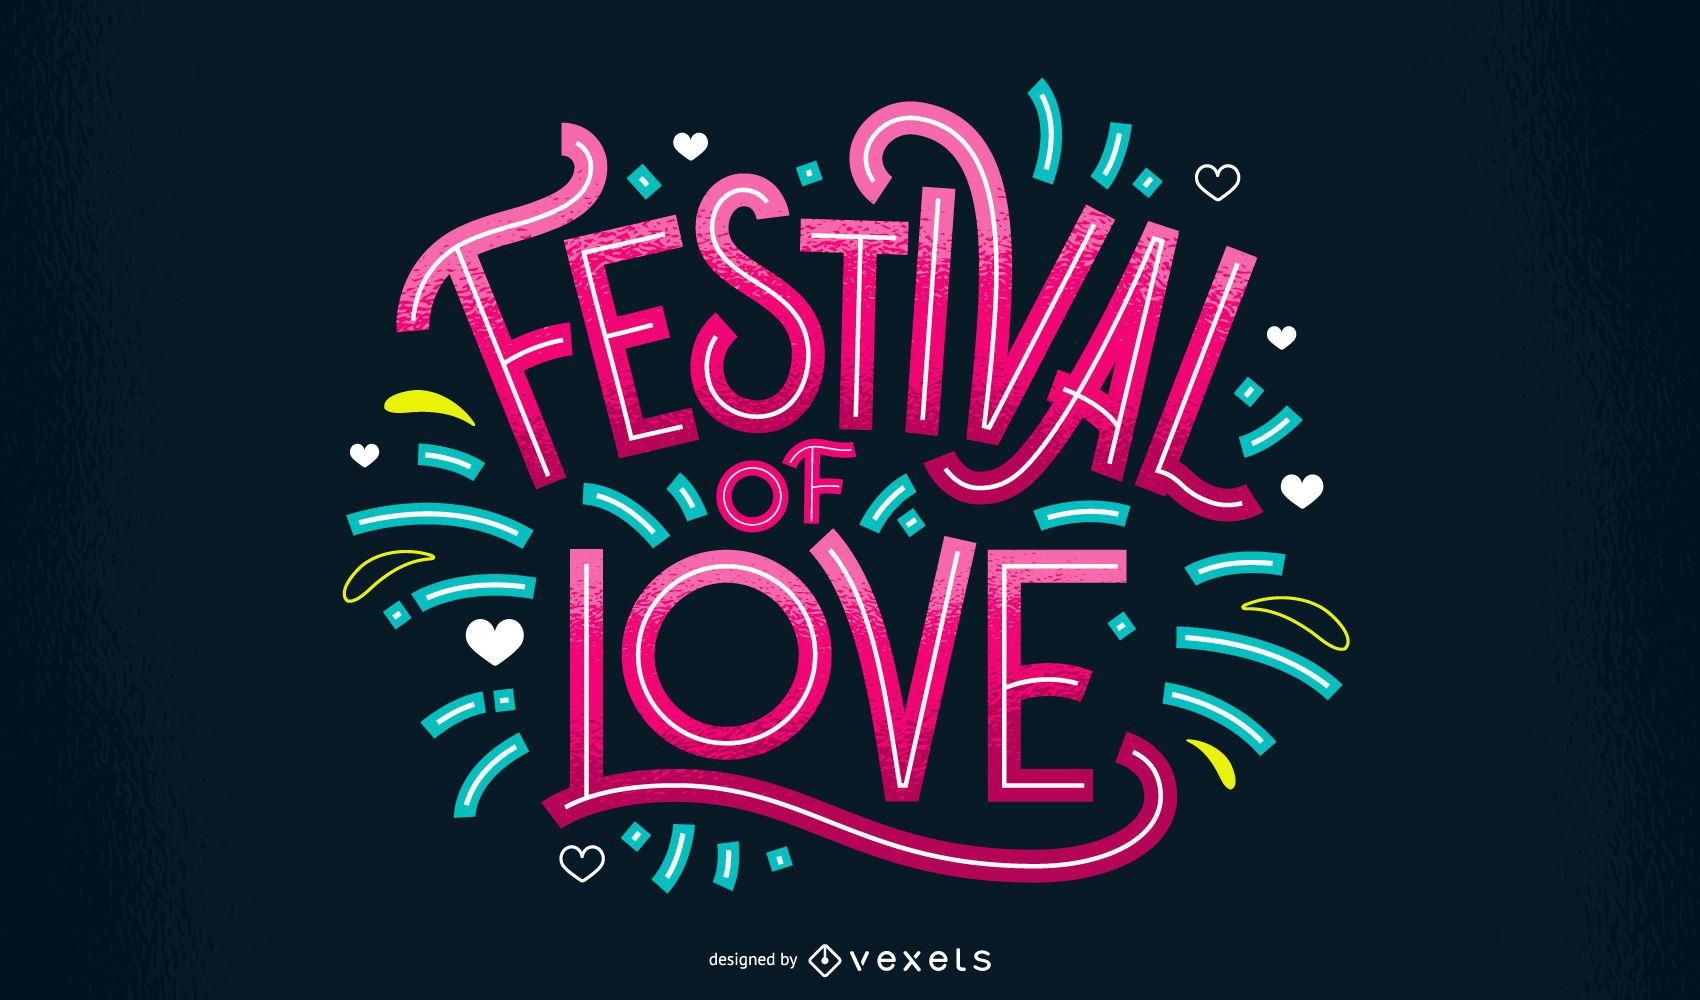 Diseño de letras del festival holi love